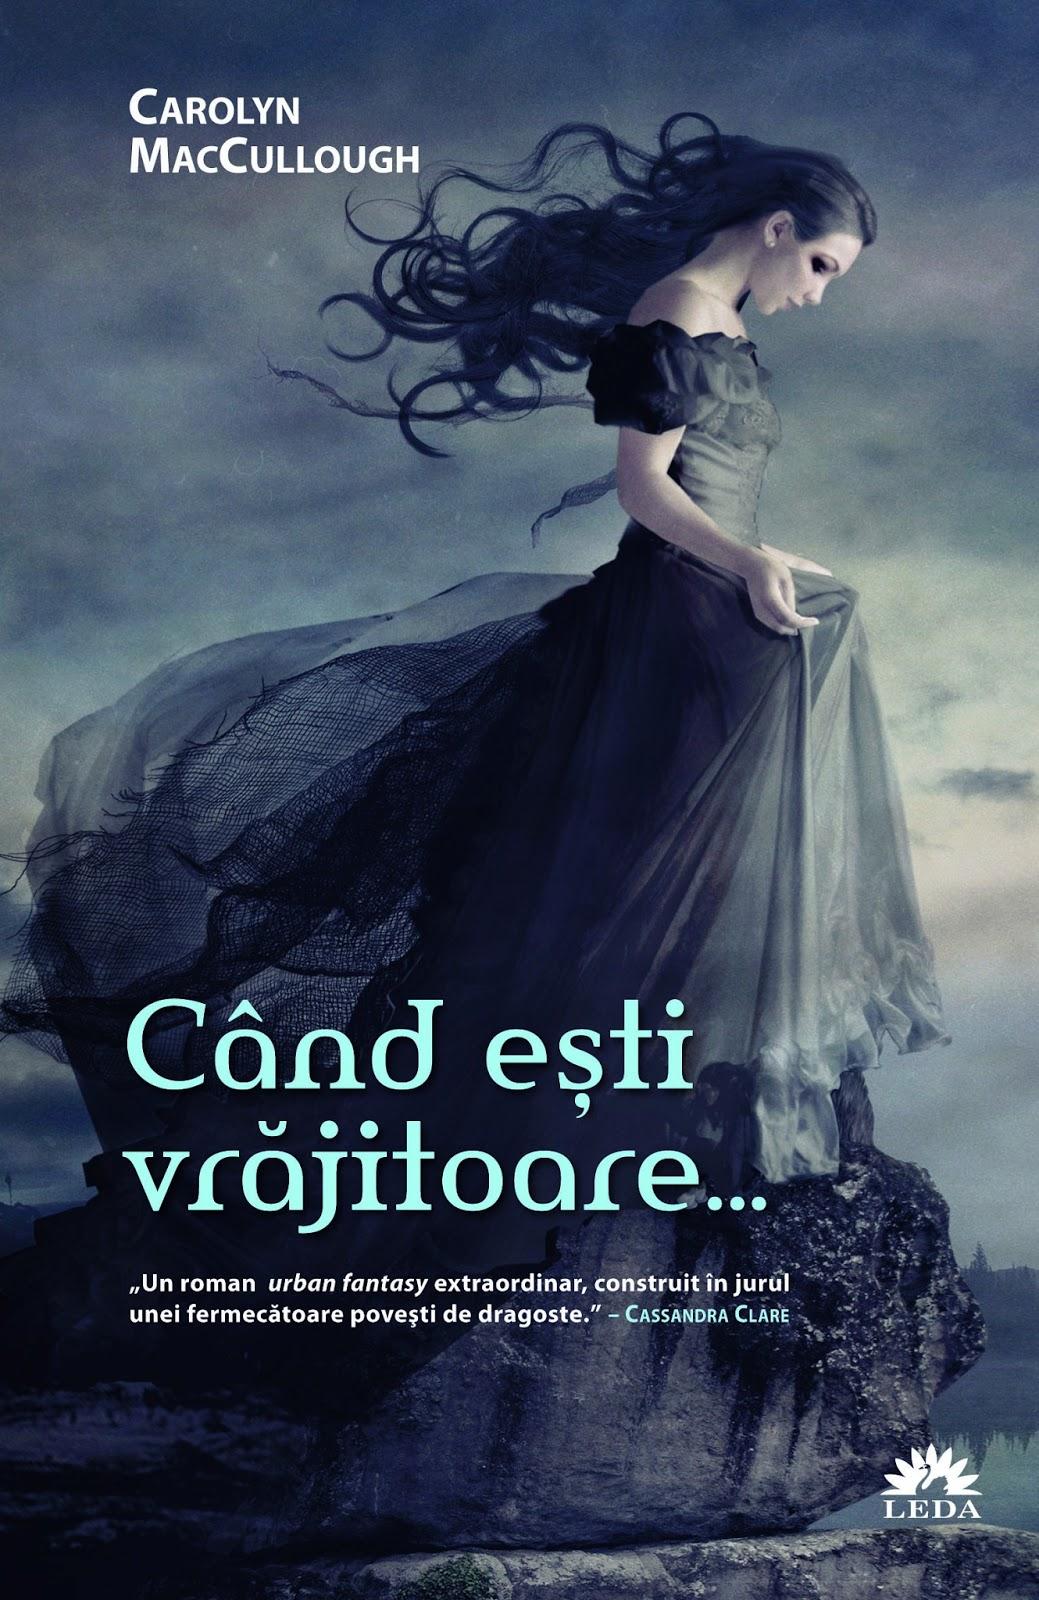 Imagini pentru carolyn maccullough când ești o vrăjitoare